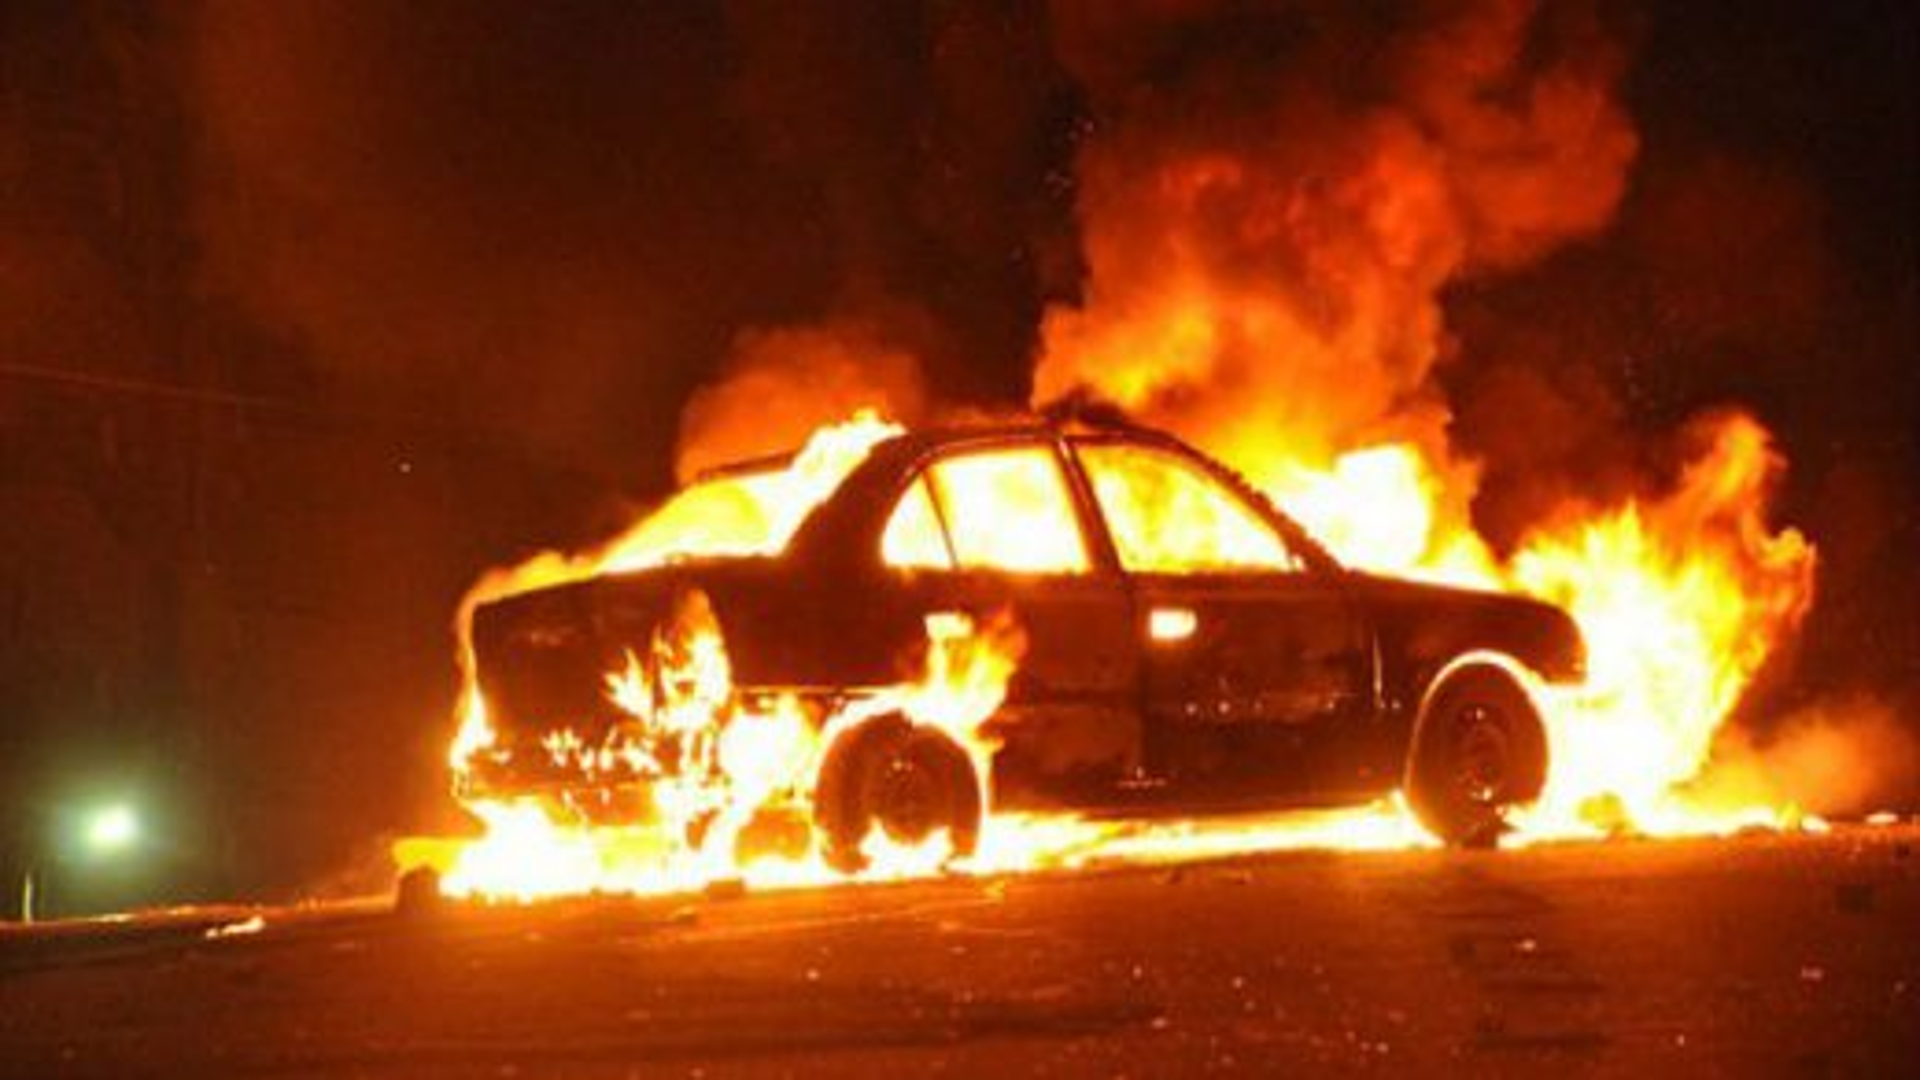 آتش زدن خودرو | تگ